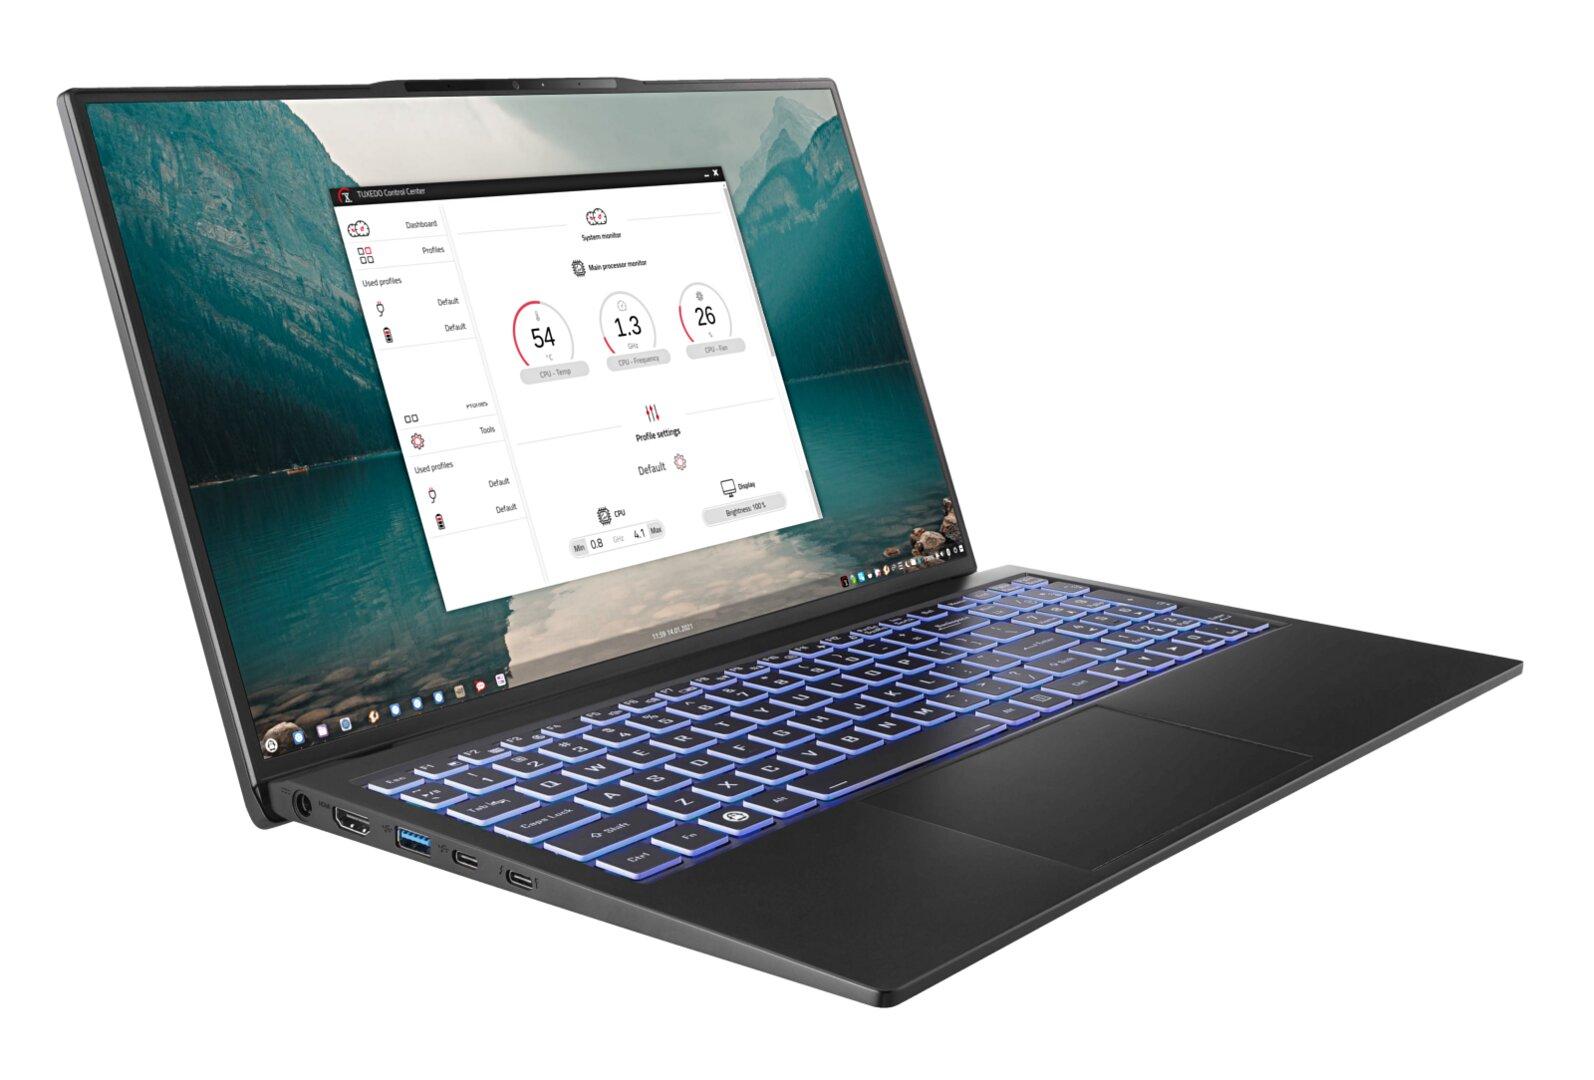 Tuxedo InfinityBook S 15